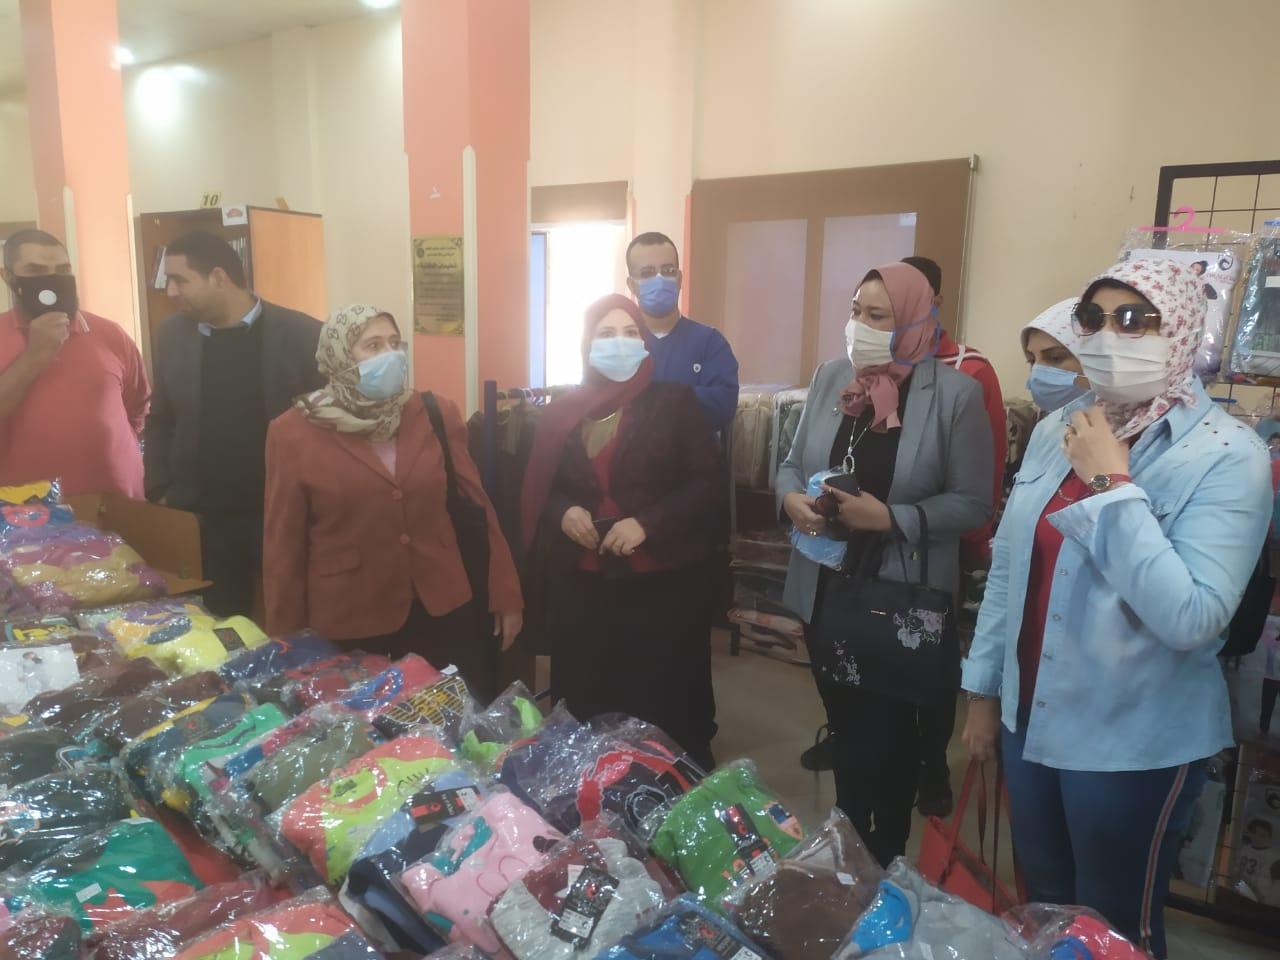 جامعة حلوان تطلق المرحلة الثانية من تطوير منطقة كفر العلو ودعم الأسر (1)